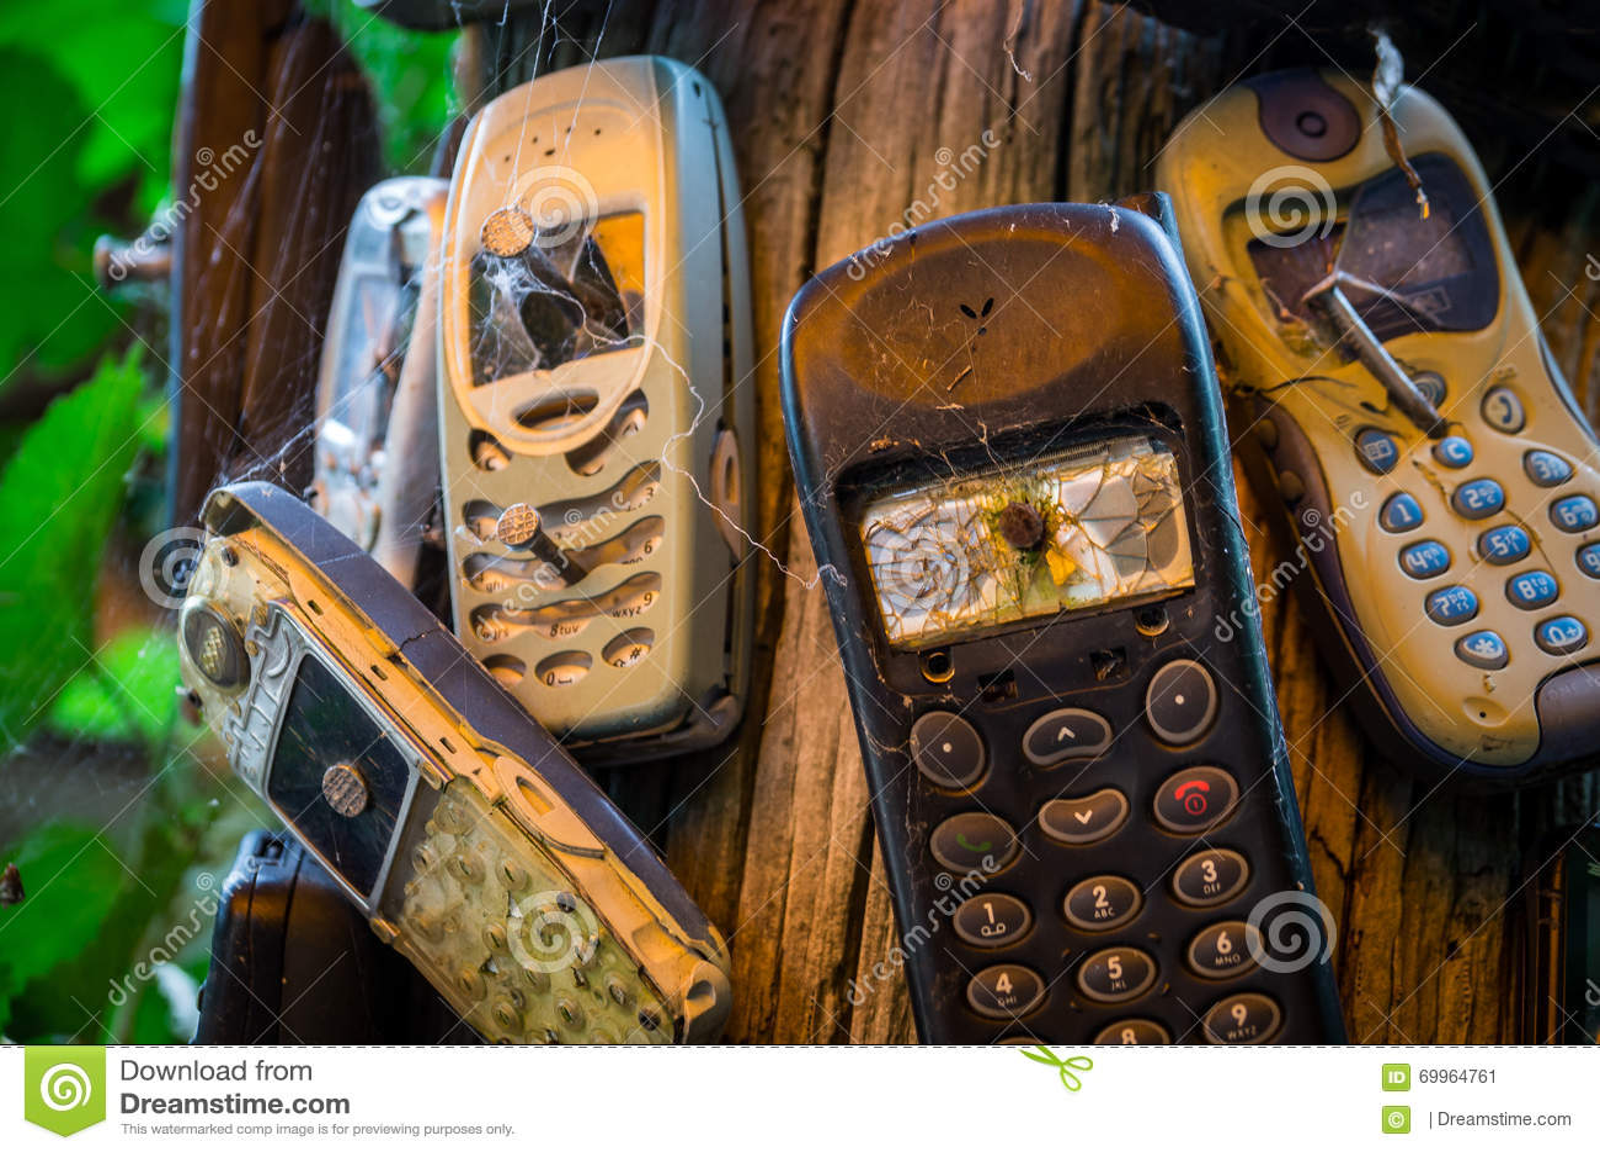 Defekte Handys